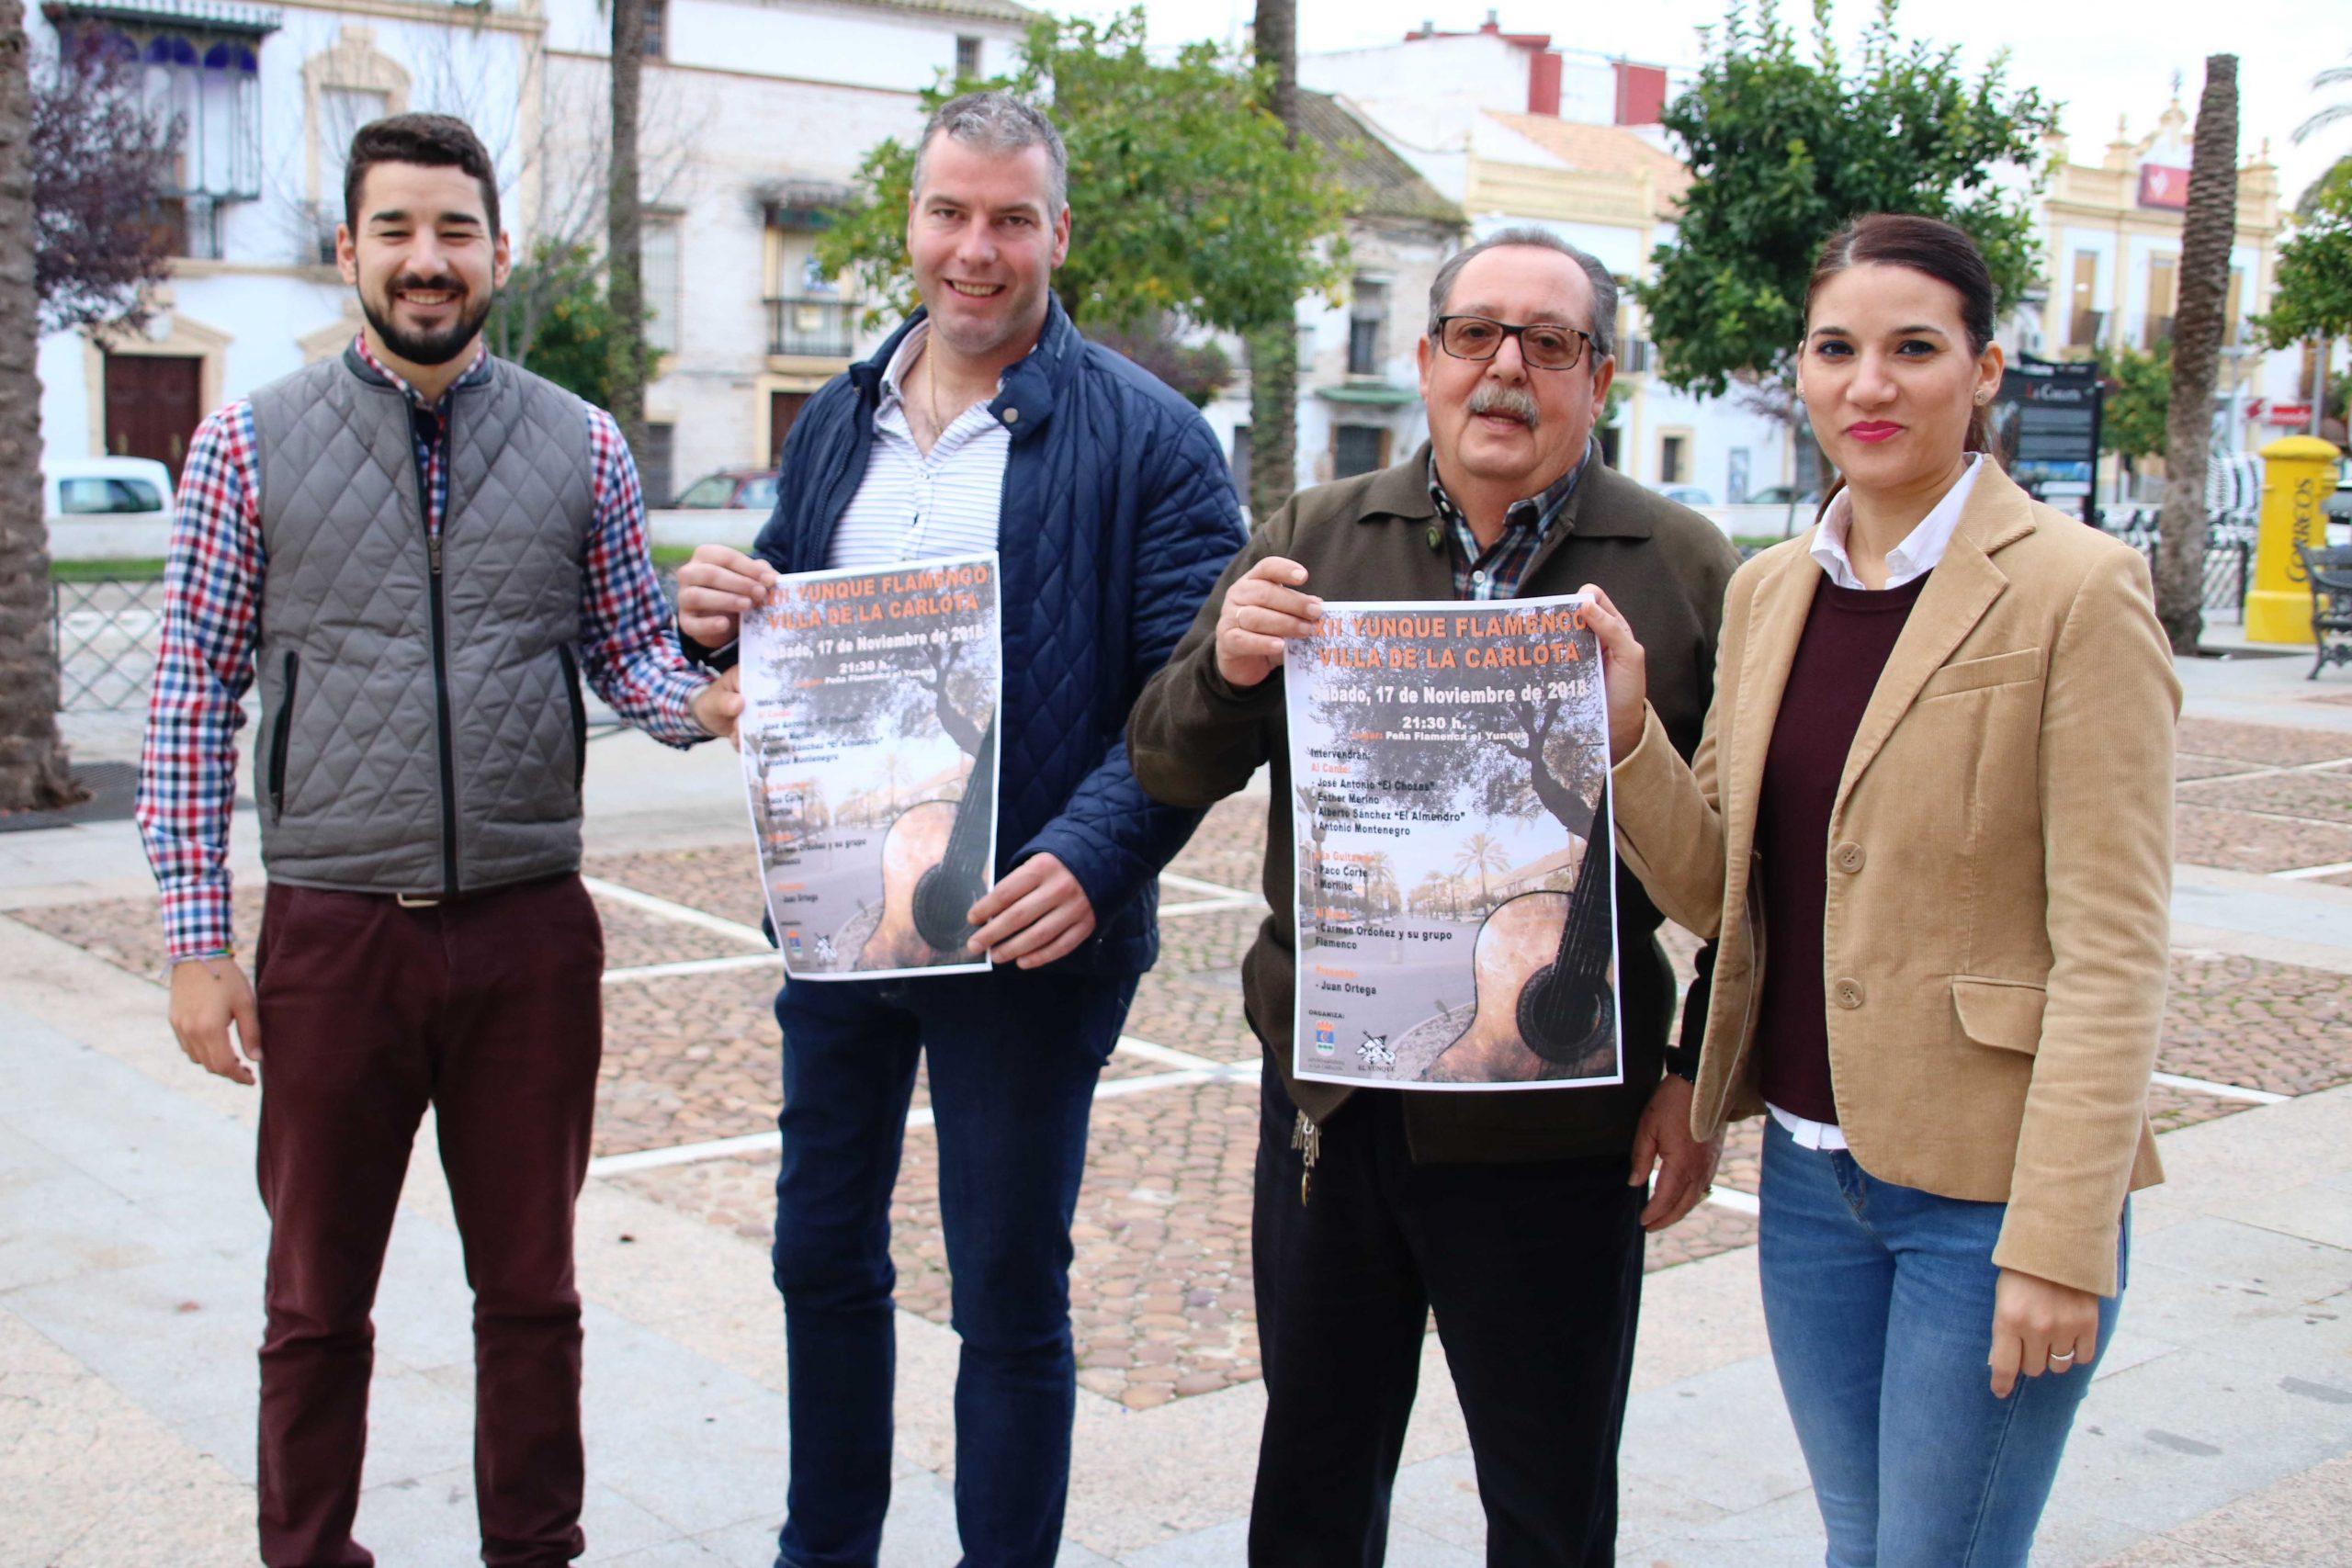 LA CARLOTA CELEBRARÁ SU XXII FESTIVAL 'YUNQUE FLAMENCO' EL 17 DE NOVIEMBRE 1